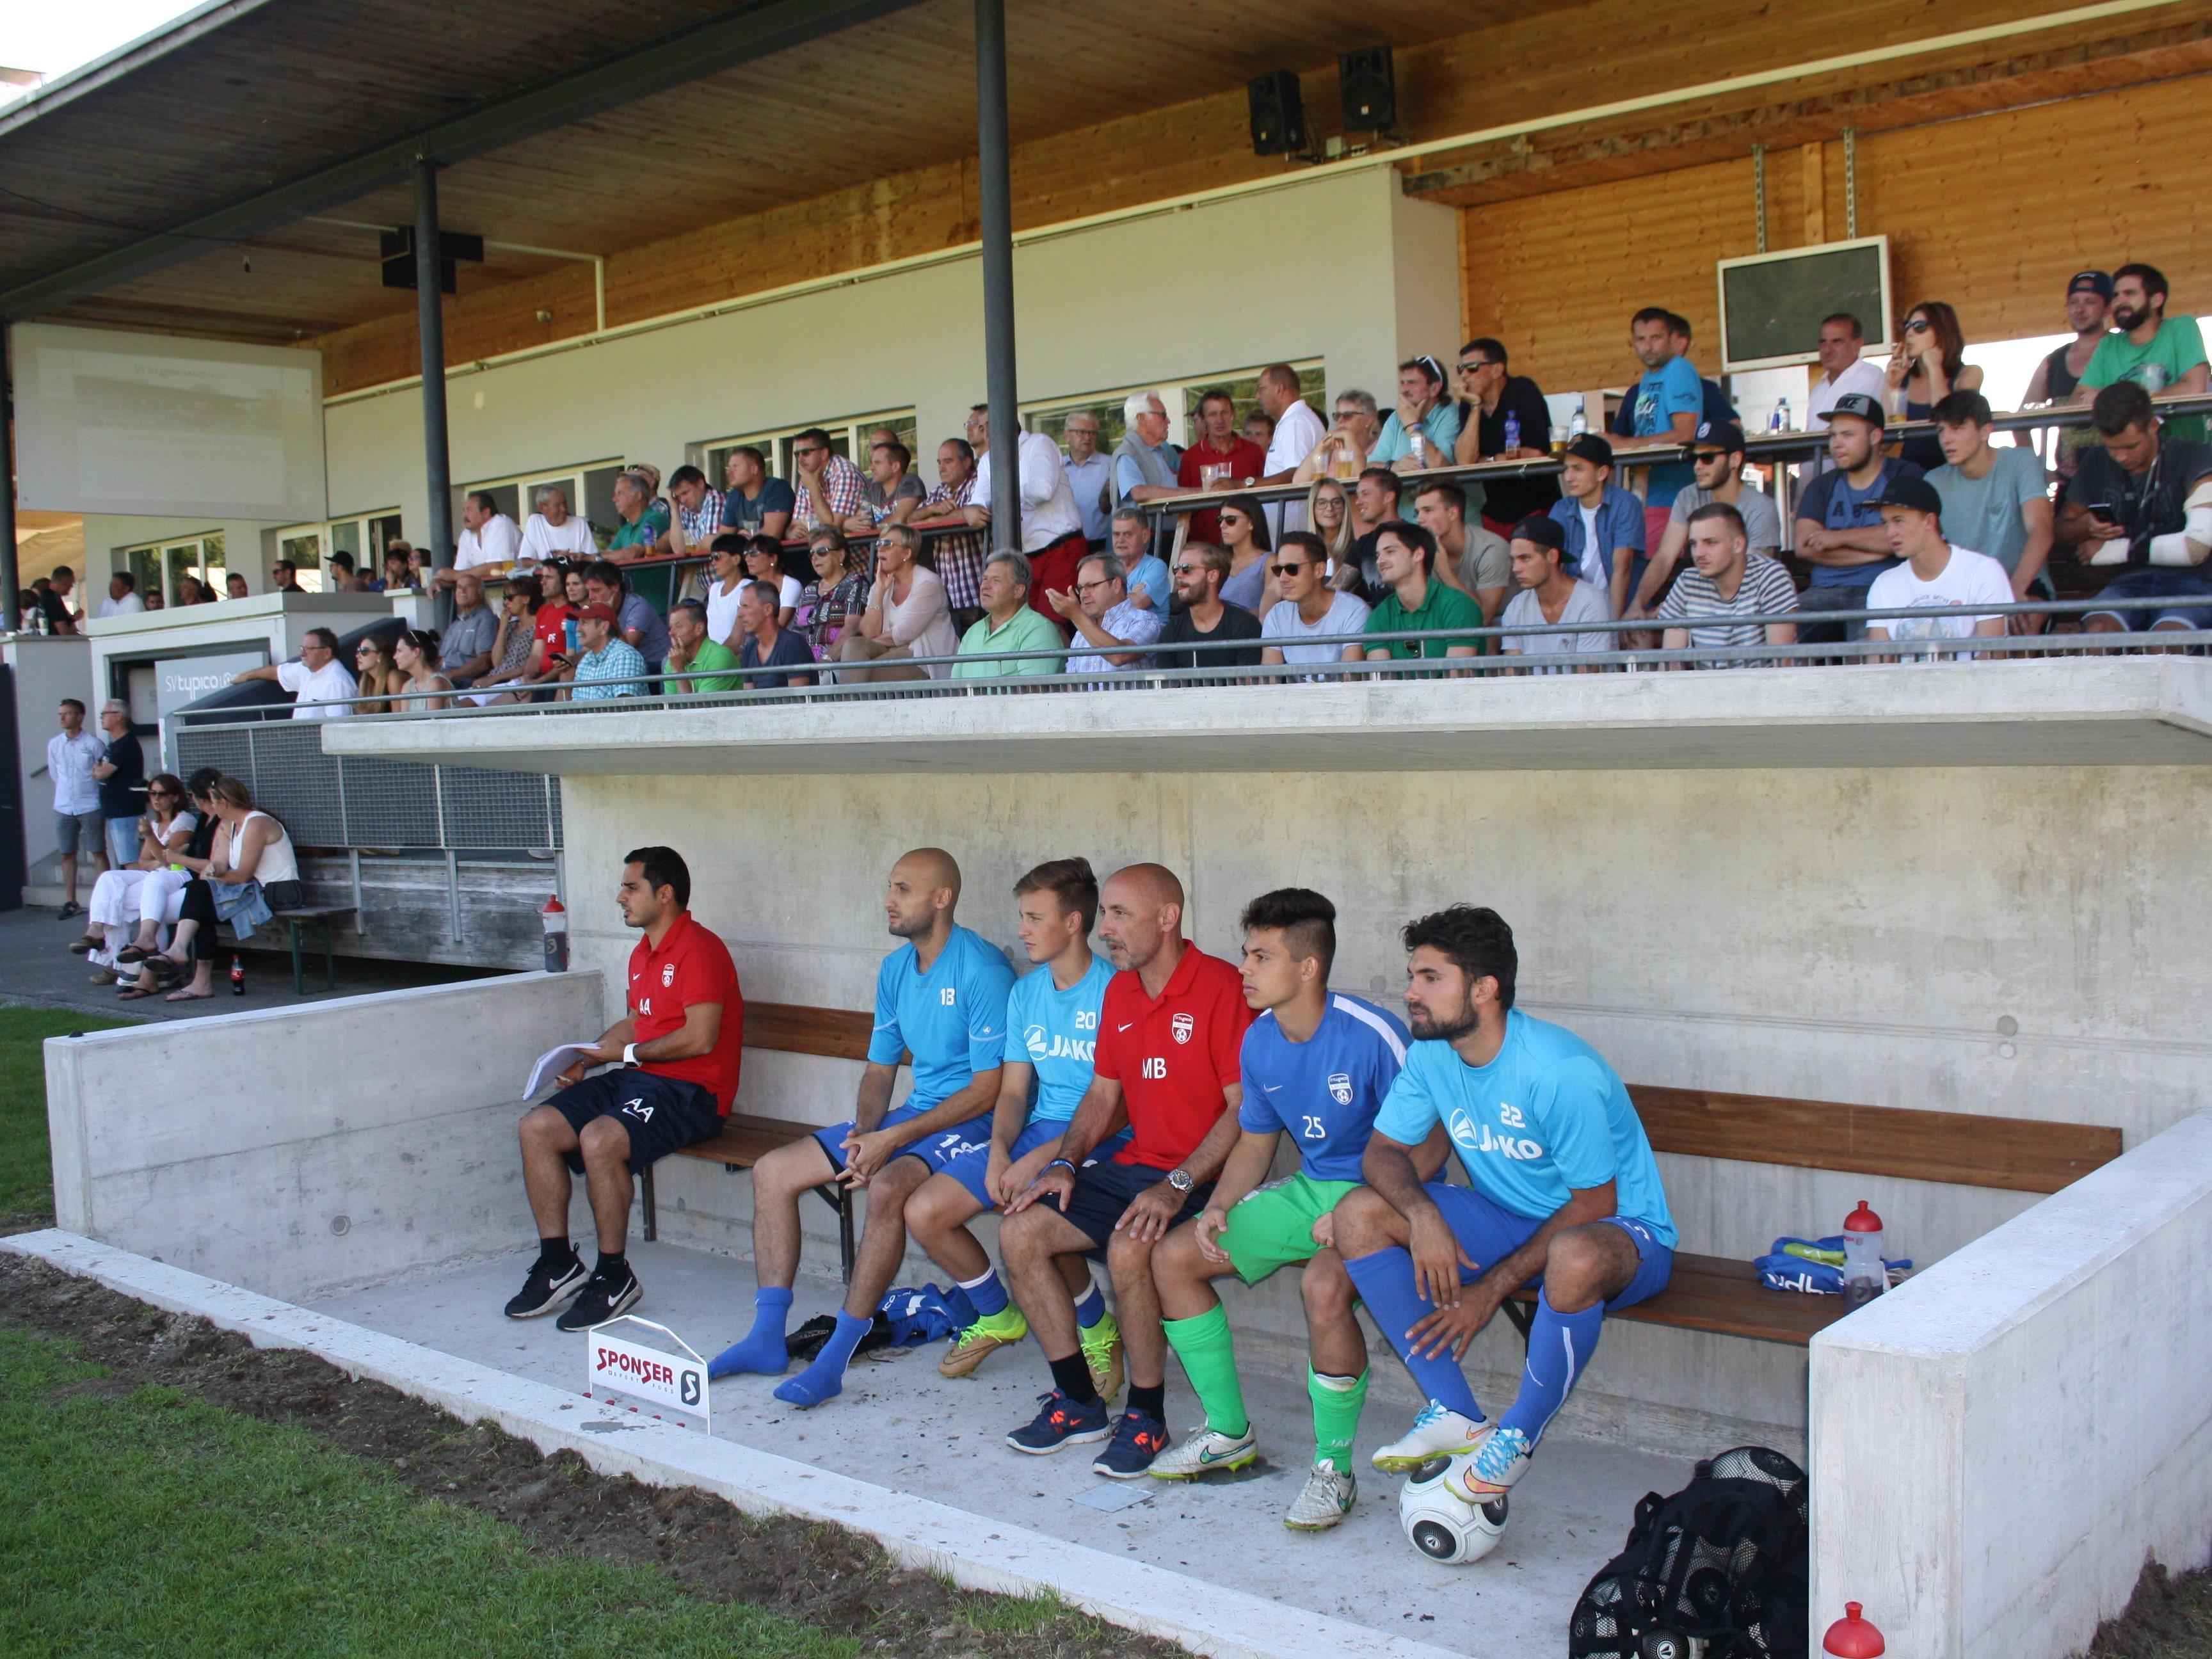 Ein kleines Fußballfest in Lochau: Am Mittwoch um 18.15 Uhr spielt der Bundesligist Cashpoint SCR Altach gegen das Team des SV Typico Lochau. Da muss die Tribüne wieder voll sein!